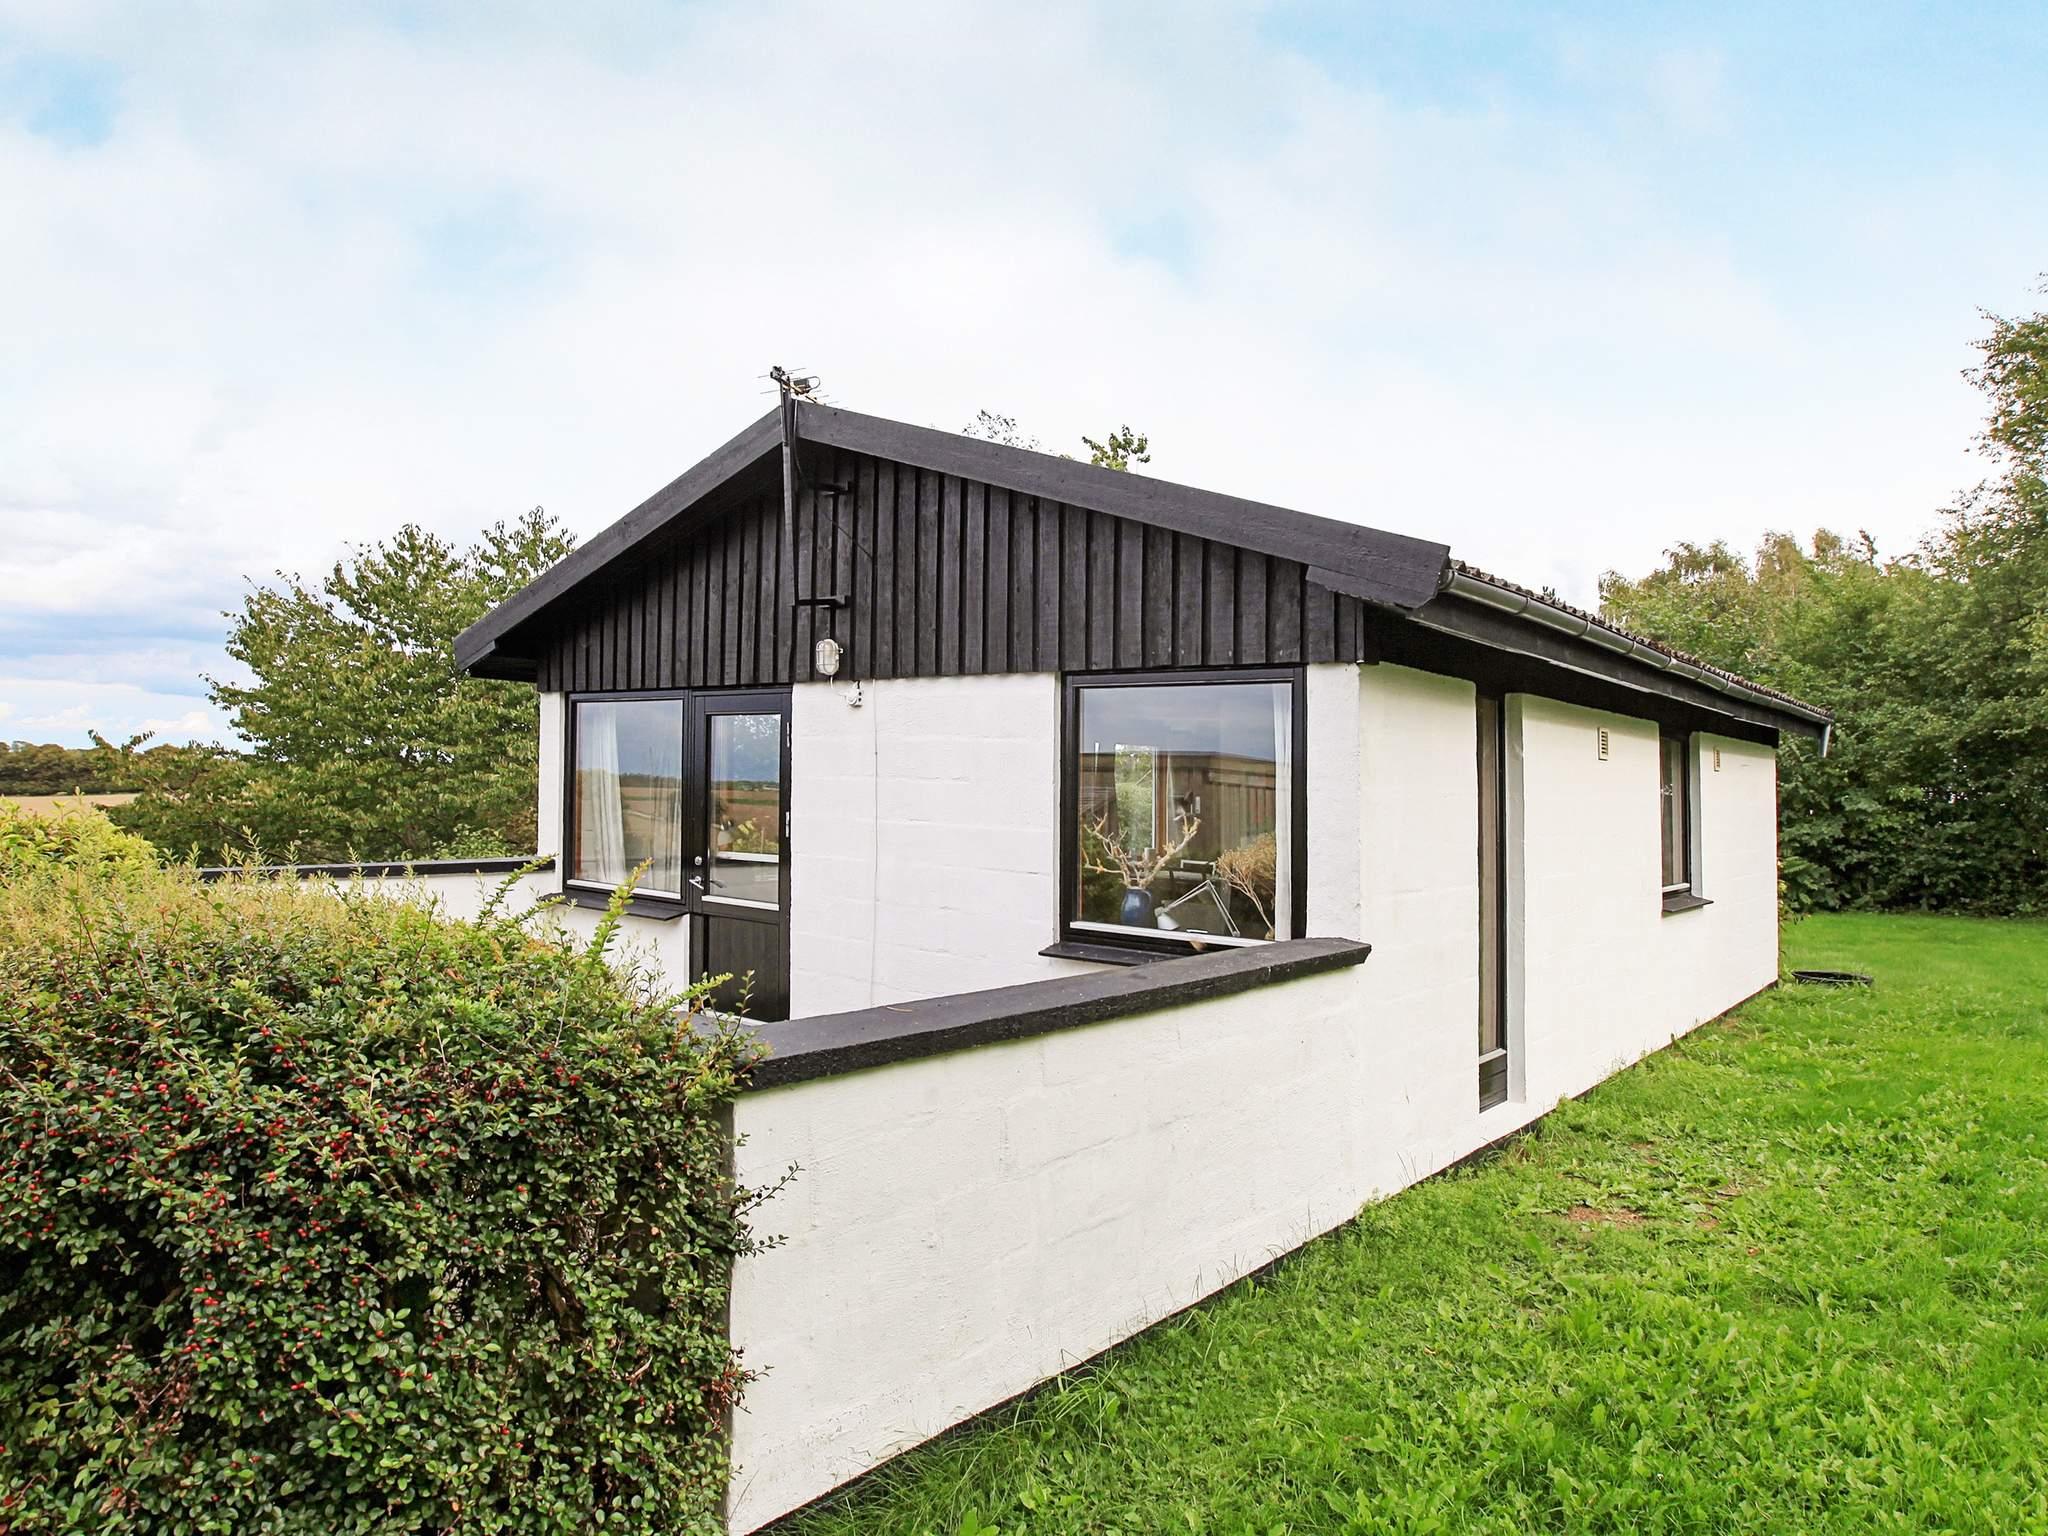 Ferienhaus Grevinge (2523609), Grevinge, , Westseeland, Dänemark, Bild 1